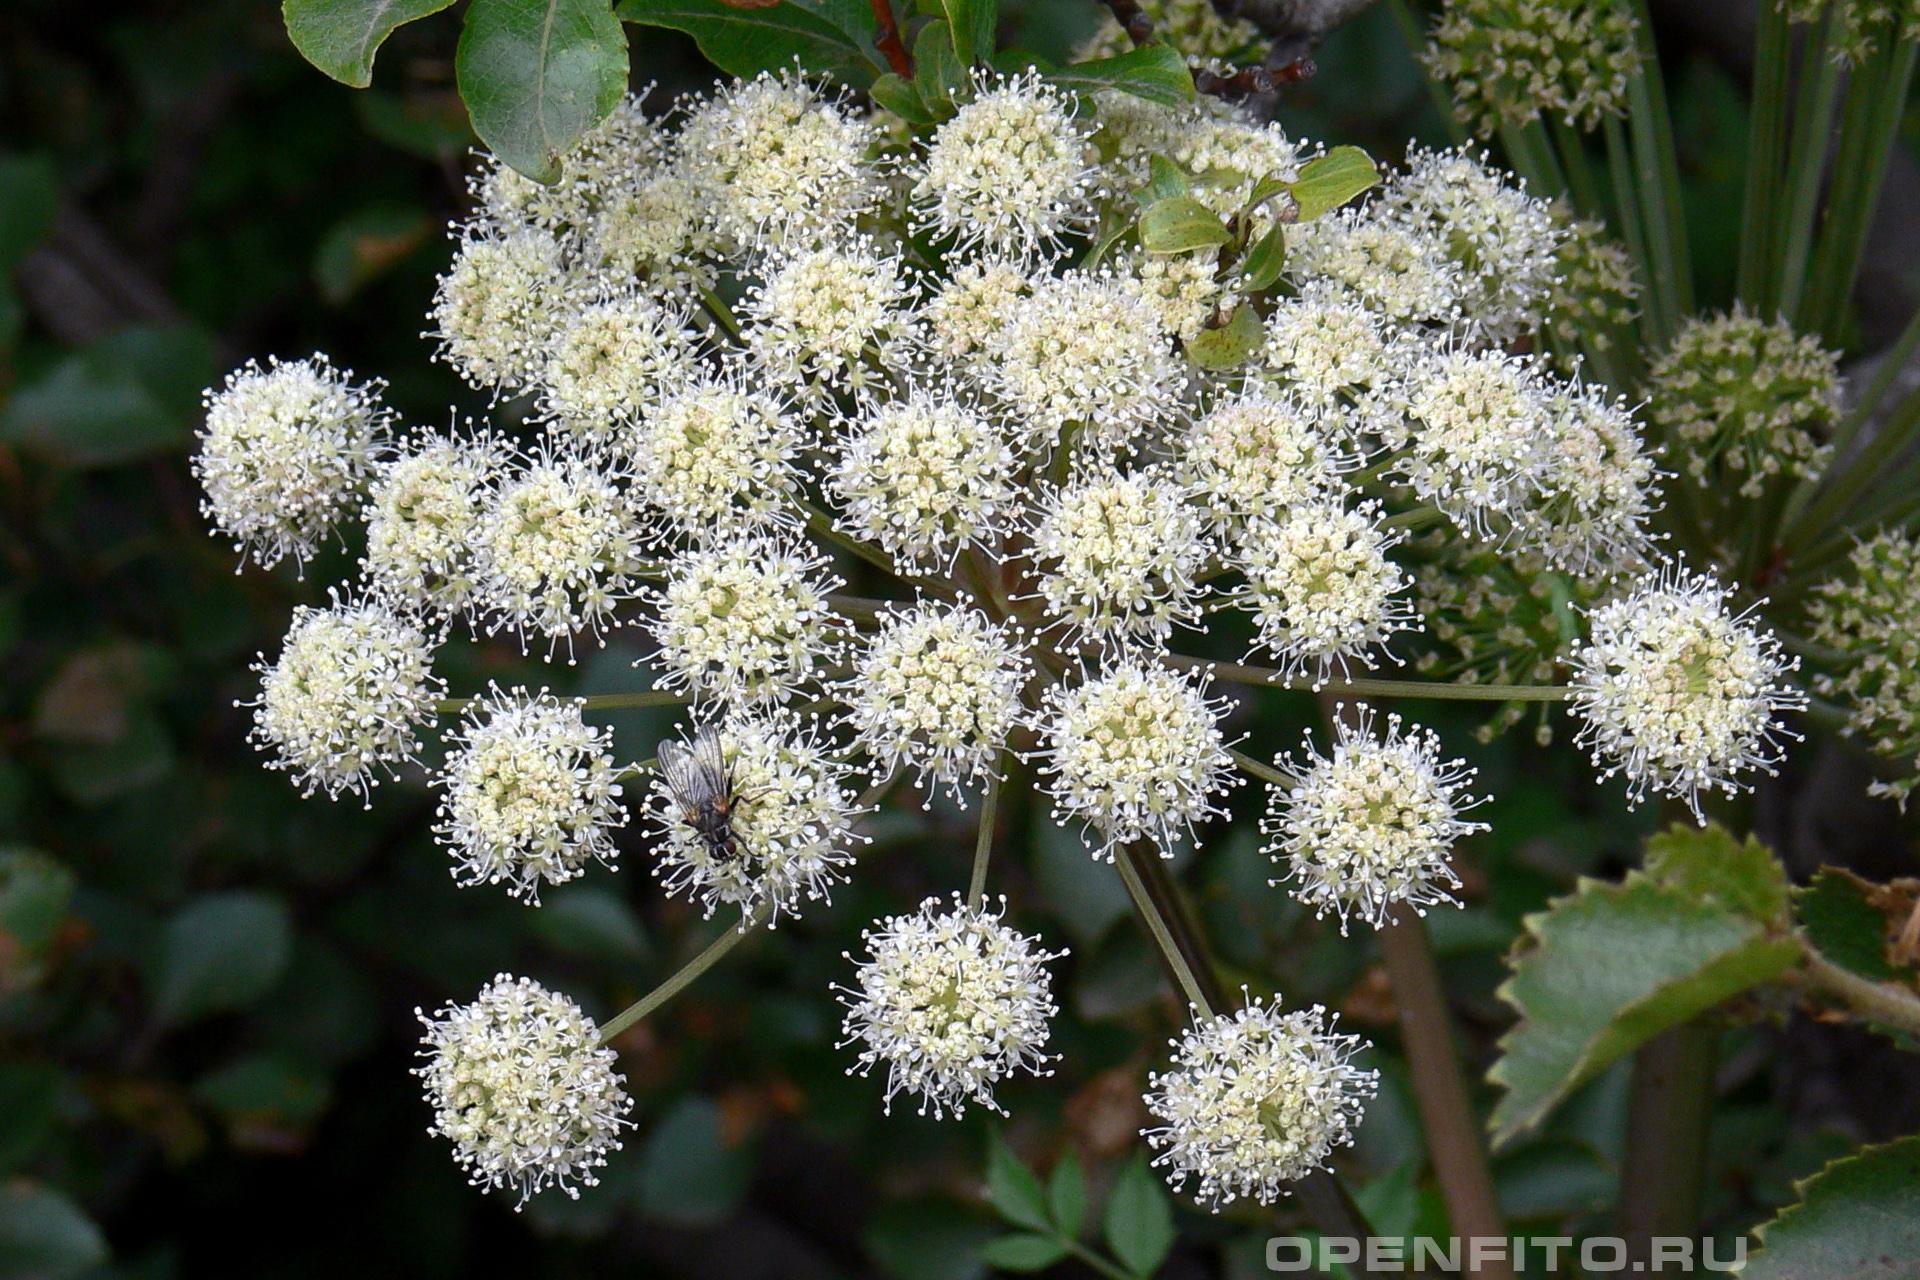 Дудник лекарственный зонтичное соцветие лекарственного растения